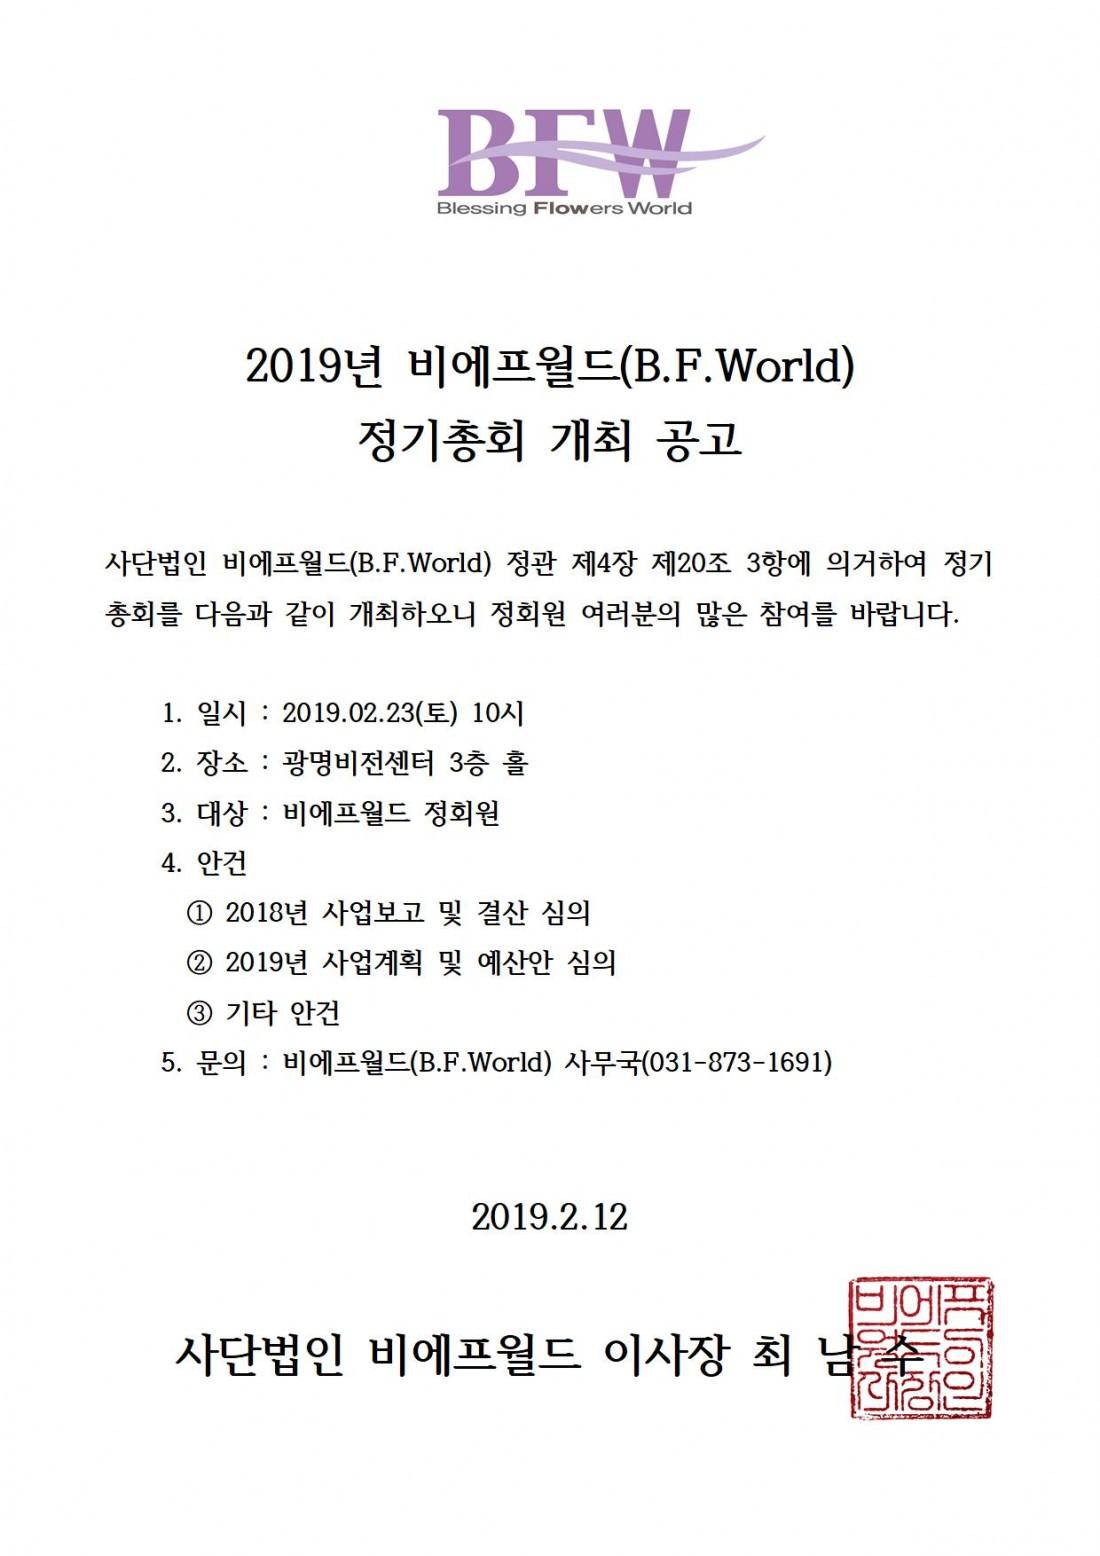 정기총회 개최공고.jpg